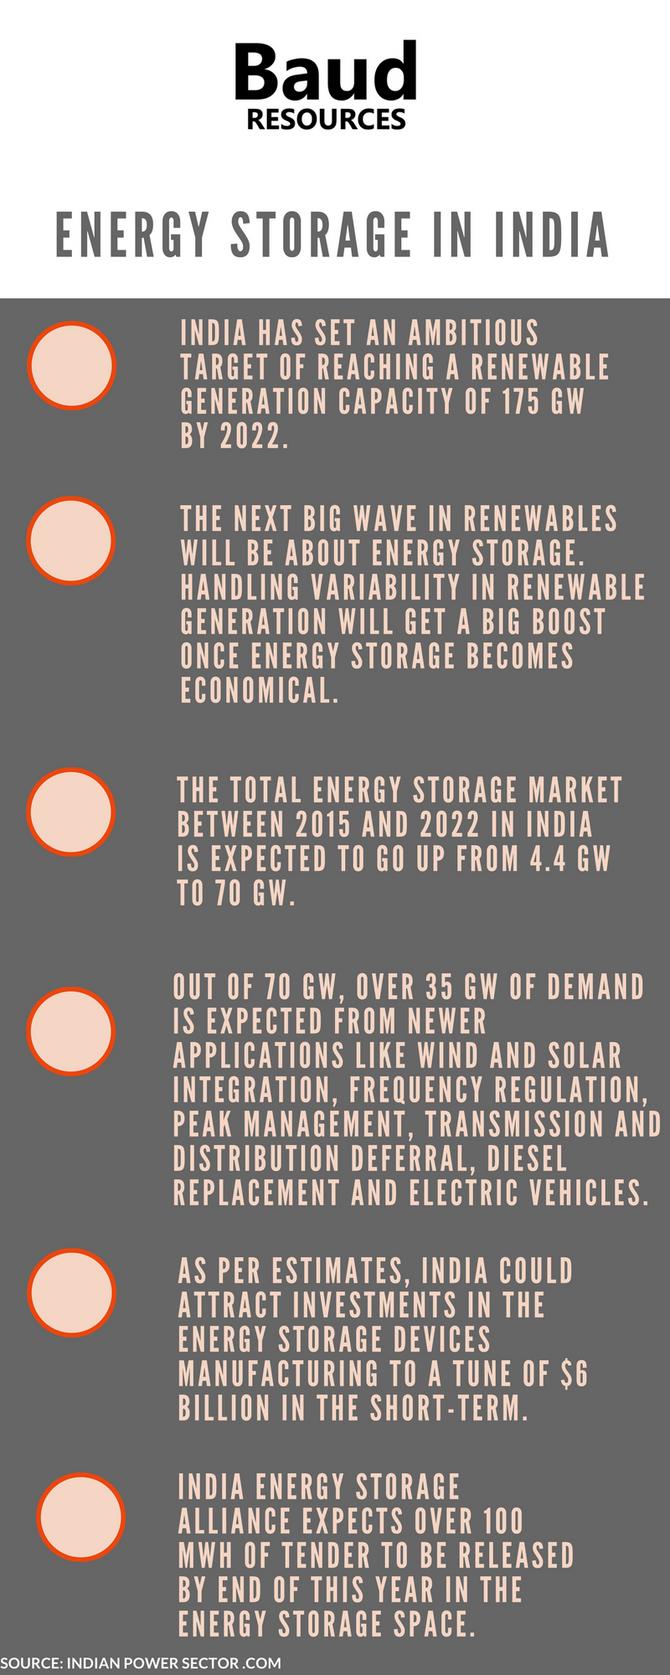 Energy Storage in India: A Promising Scenario